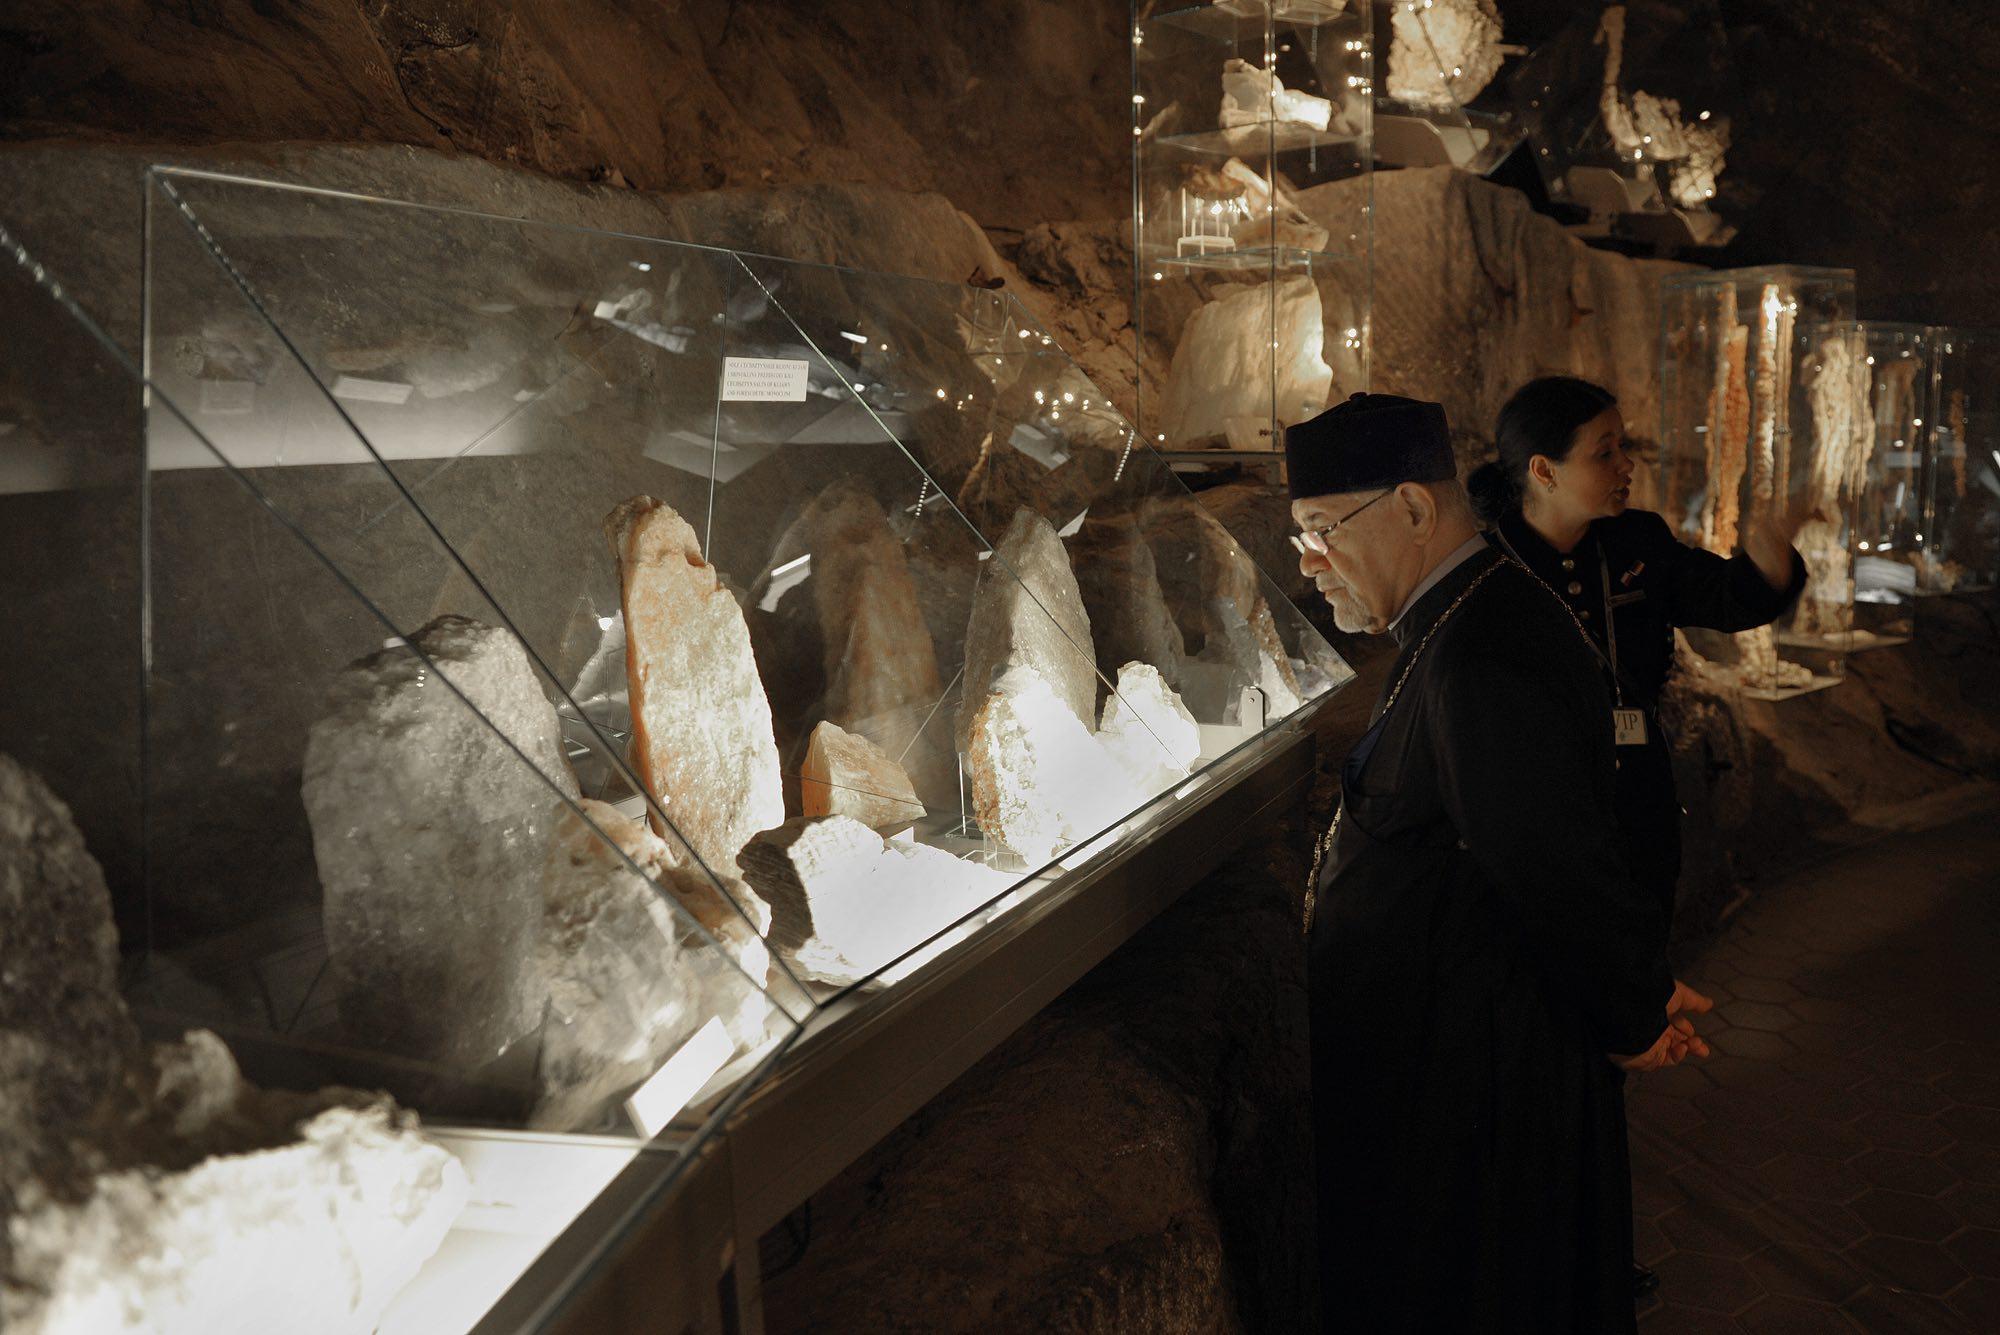 Arcybiskup Teheranu w Wieliczce